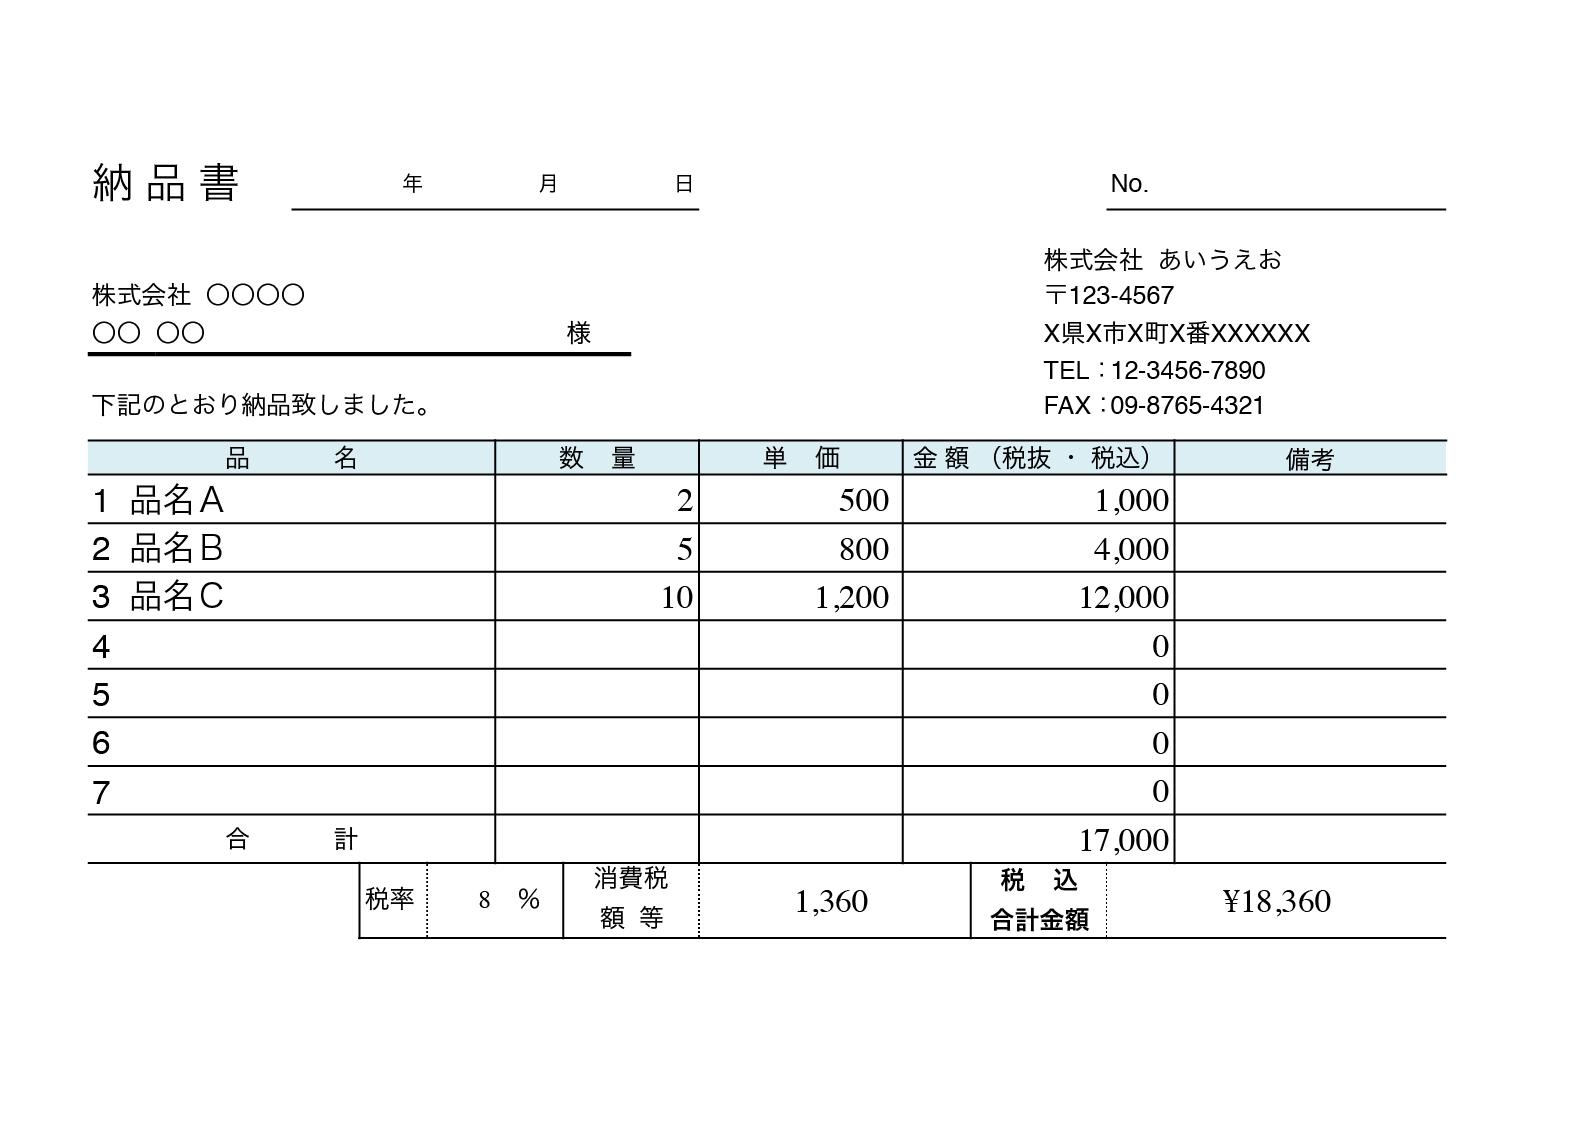 納品書テンプレート_詳細情報書き込み可能(エクセル・ナンバーズ)